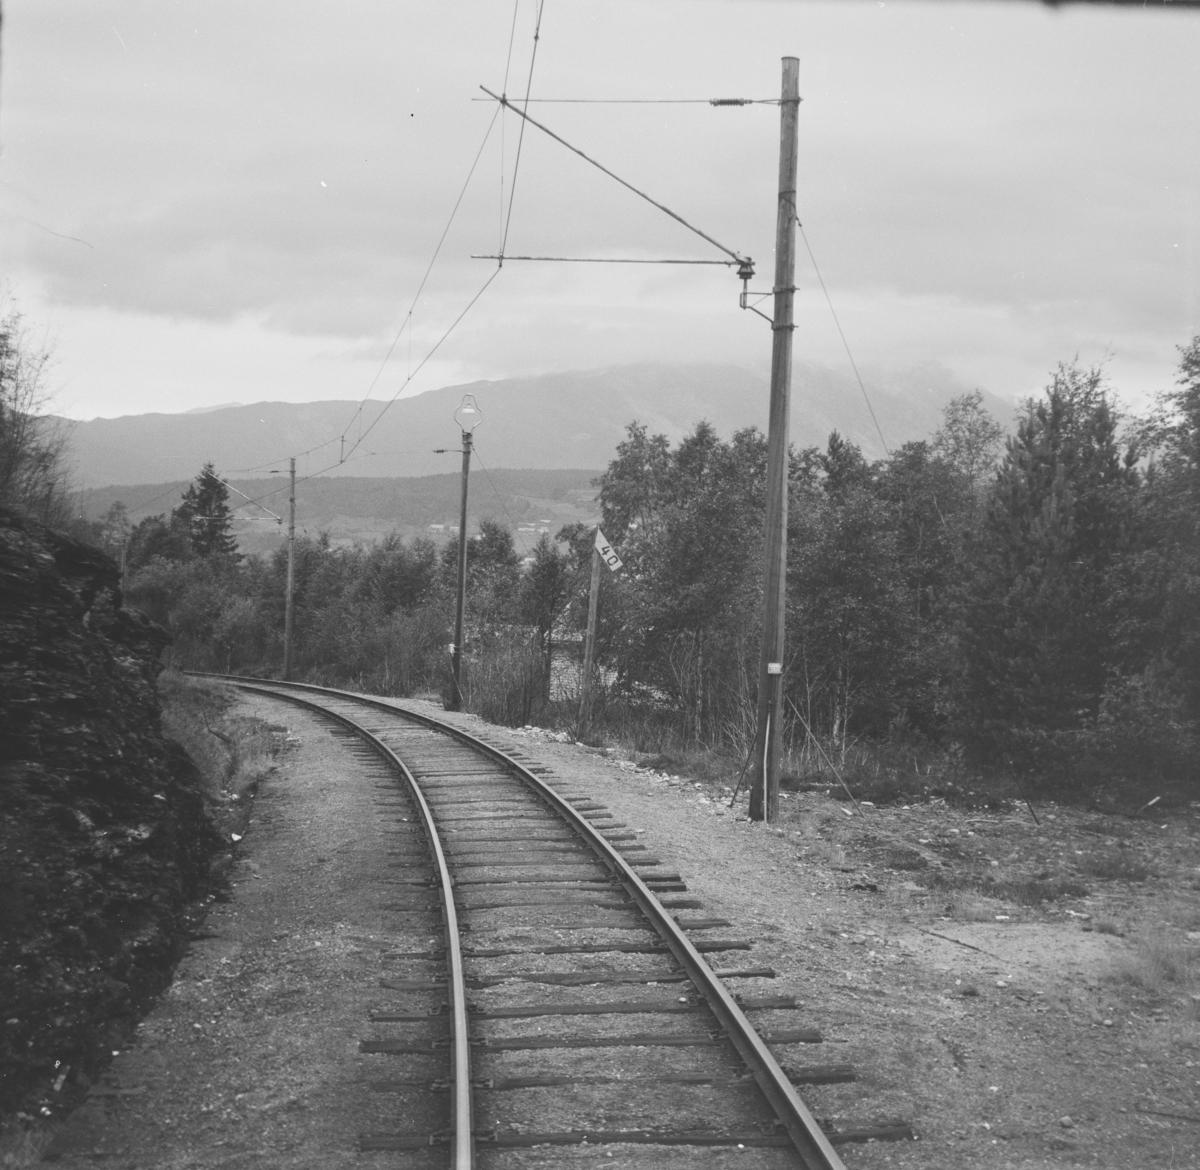 Fra Hardangerbana. Utsikt fra førerrommet på motorvogn type 64 mellom Mønshaug og Palmafoss. Skiltet med tallet 40 viser fall i o/oo.